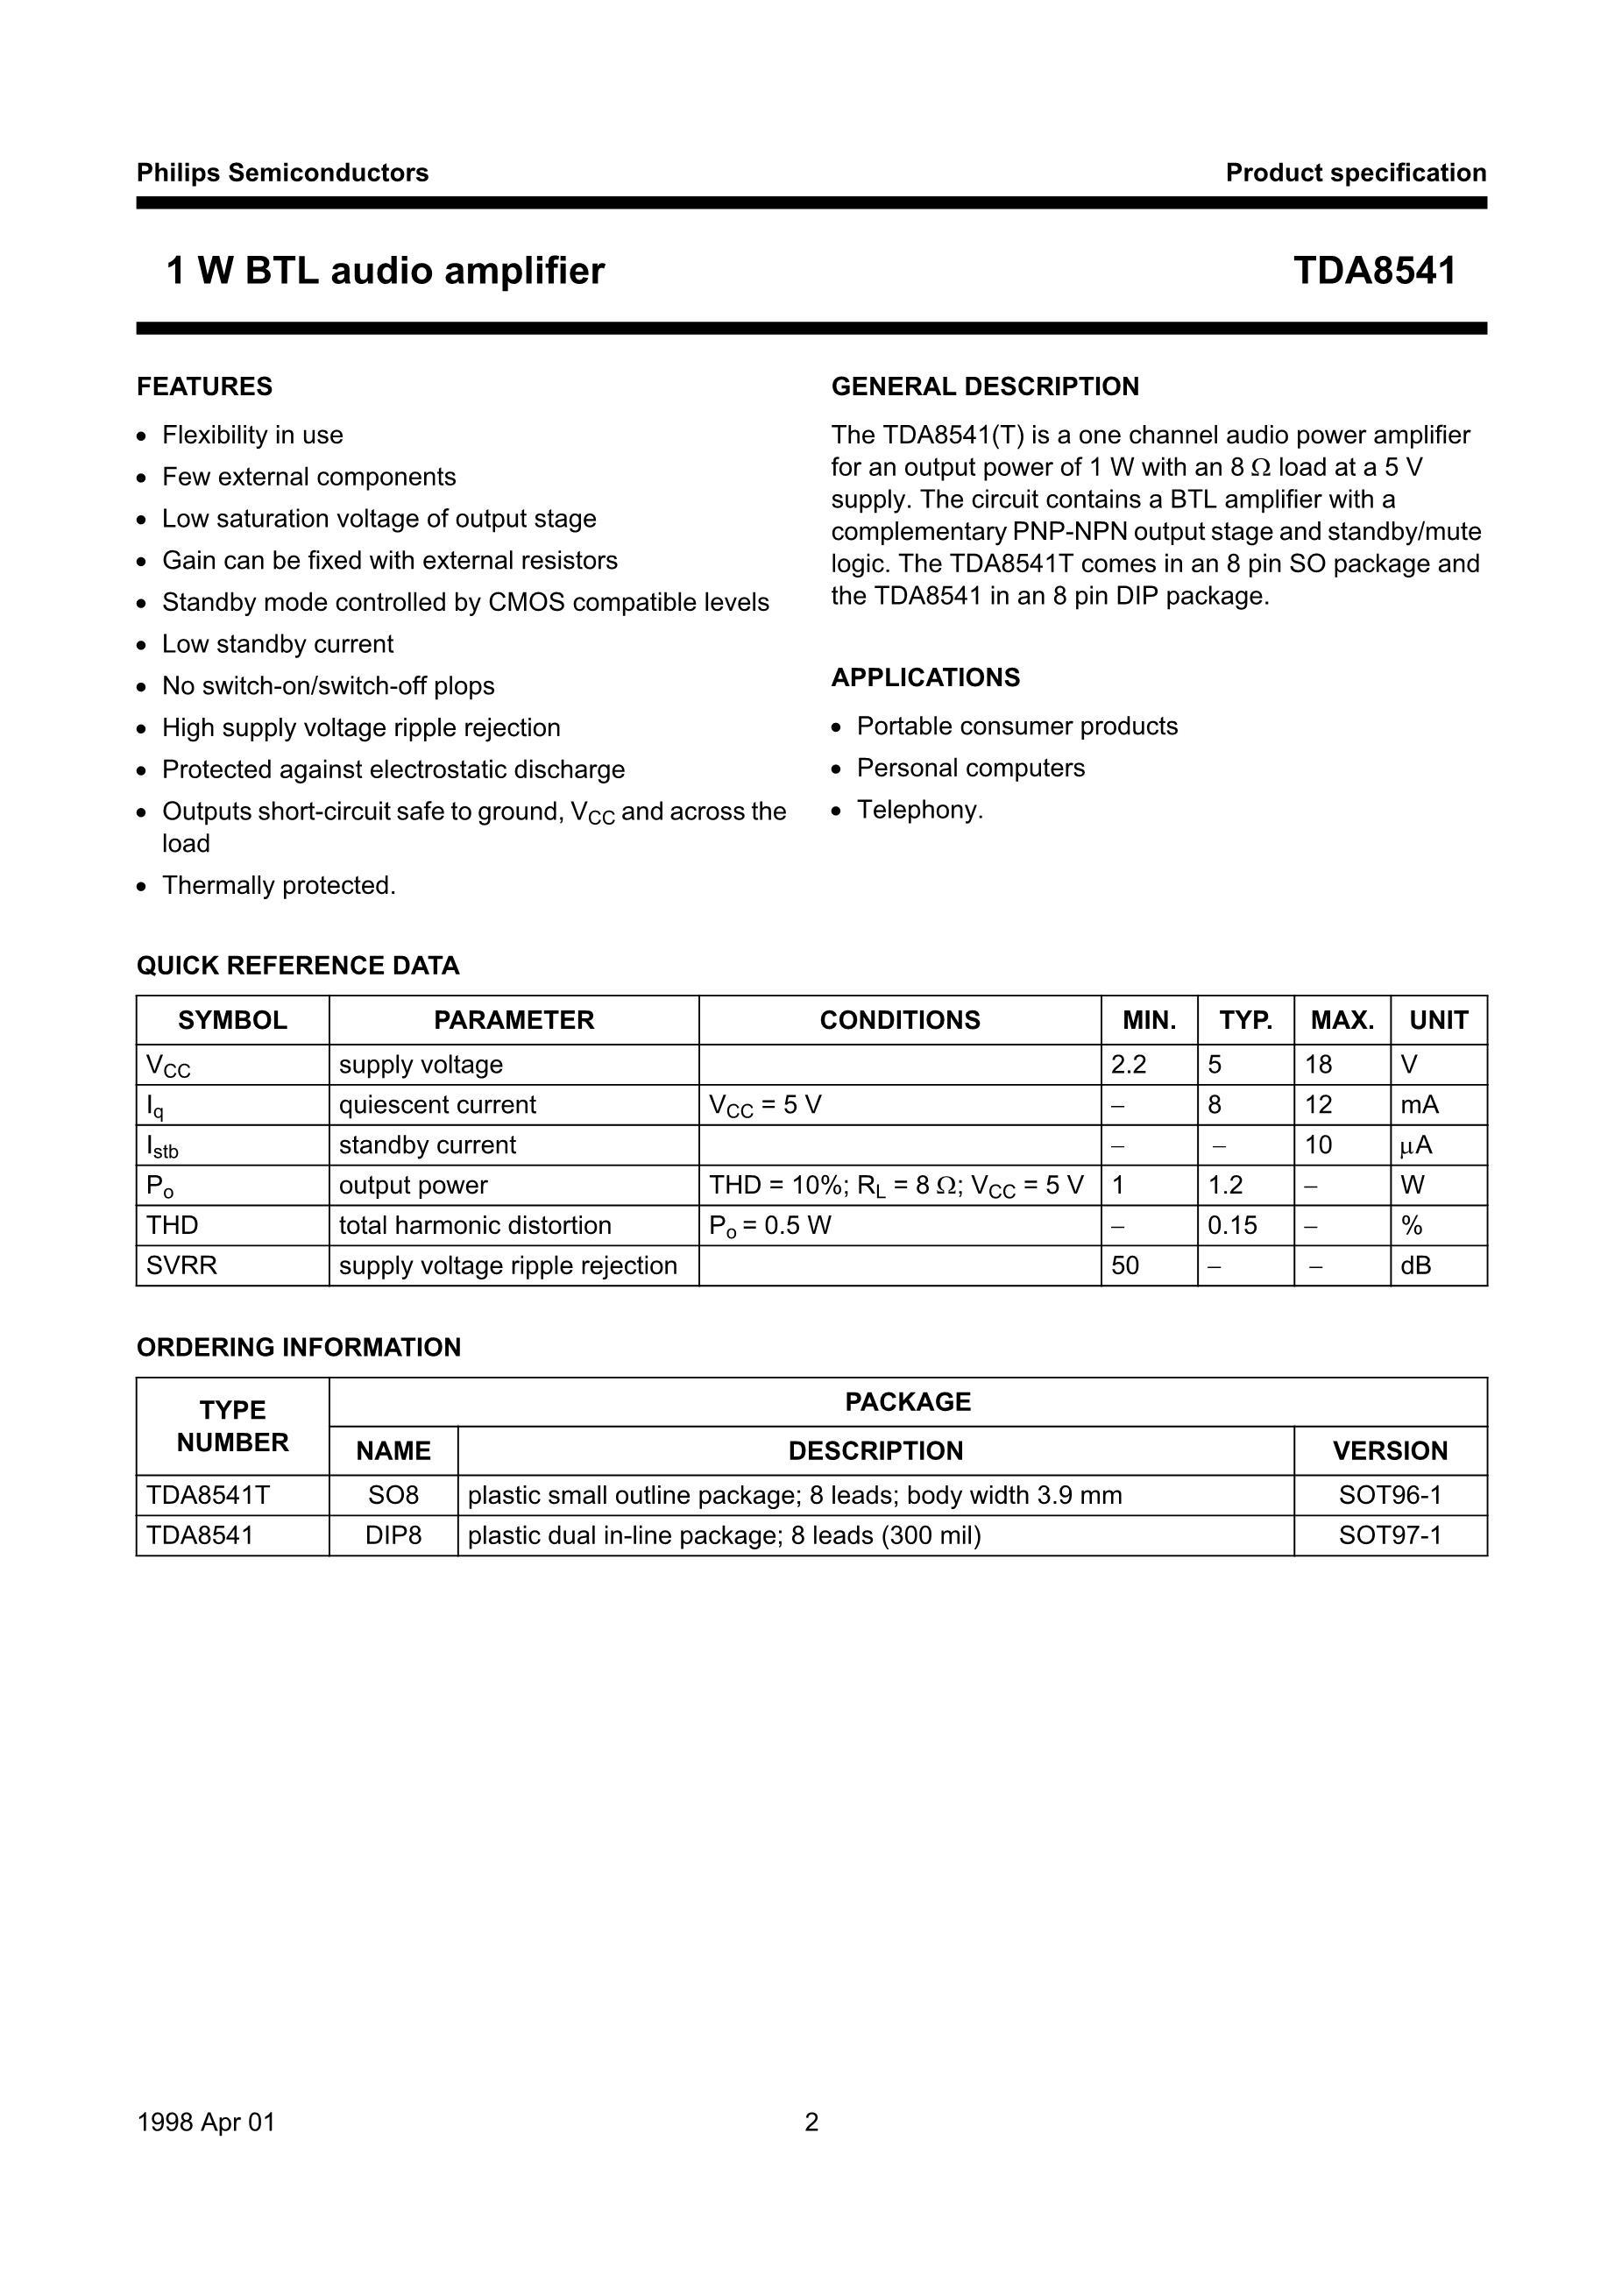 854105AGLF's pdf picture 2